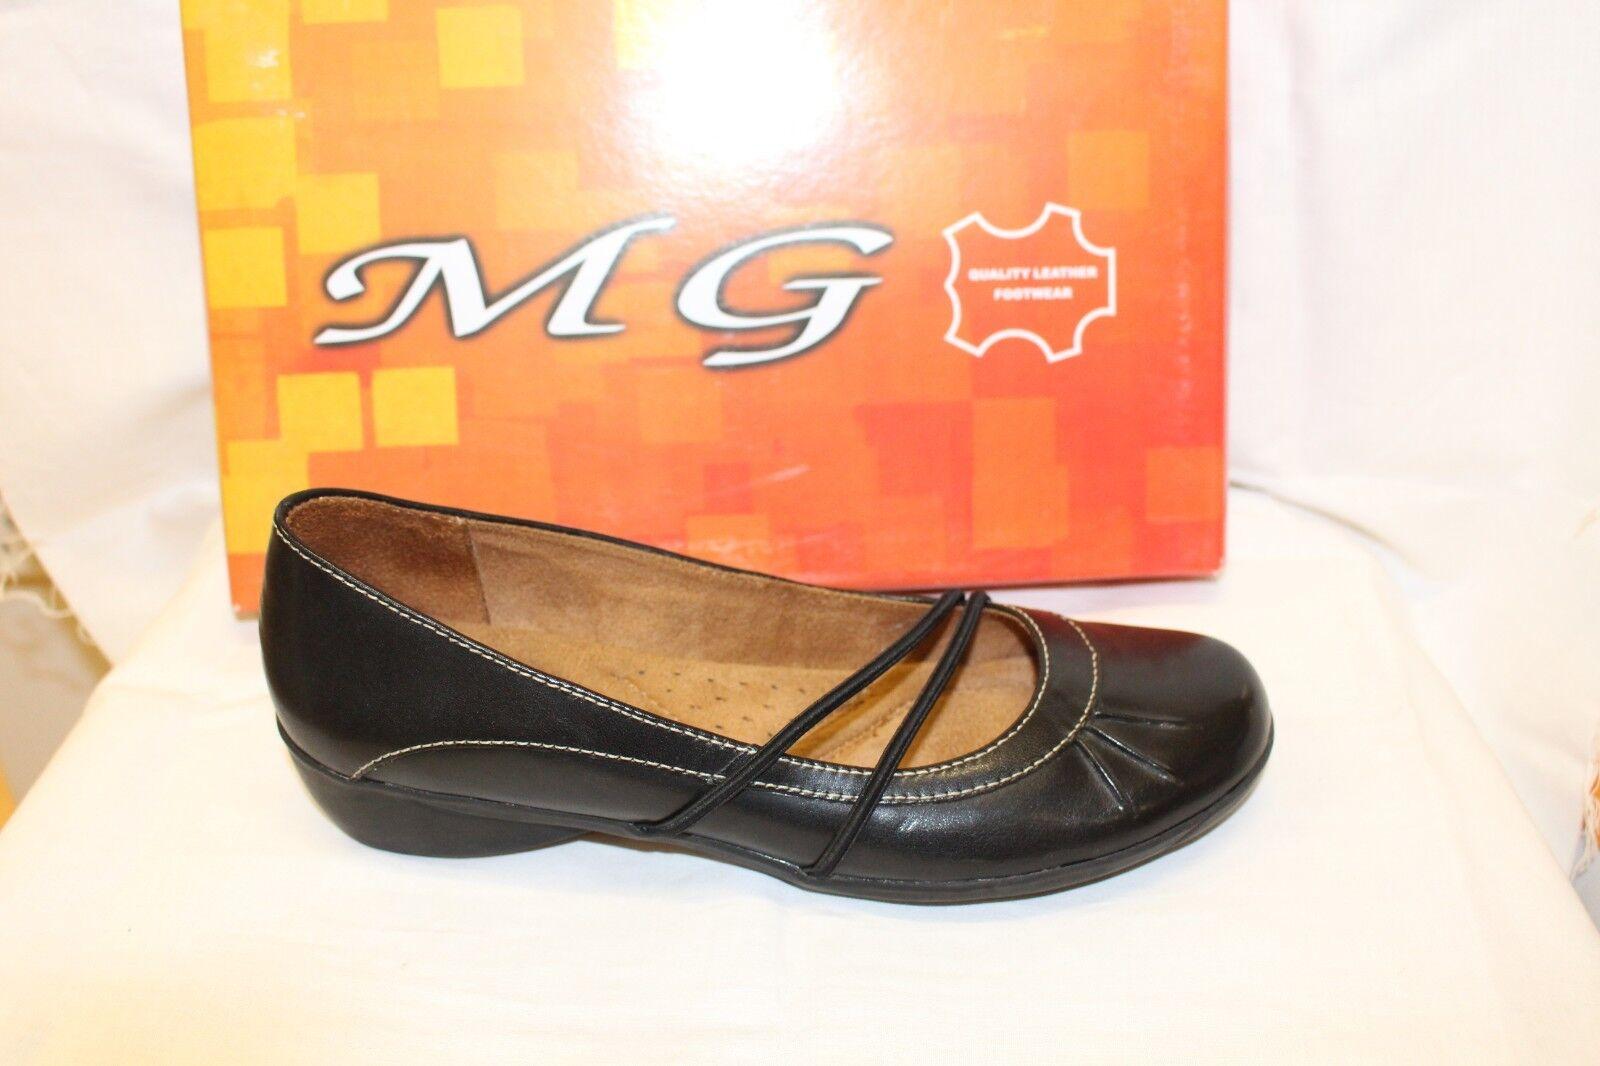 LADIES SHOES FOOTWEAR - MG slip on shoe Roast black